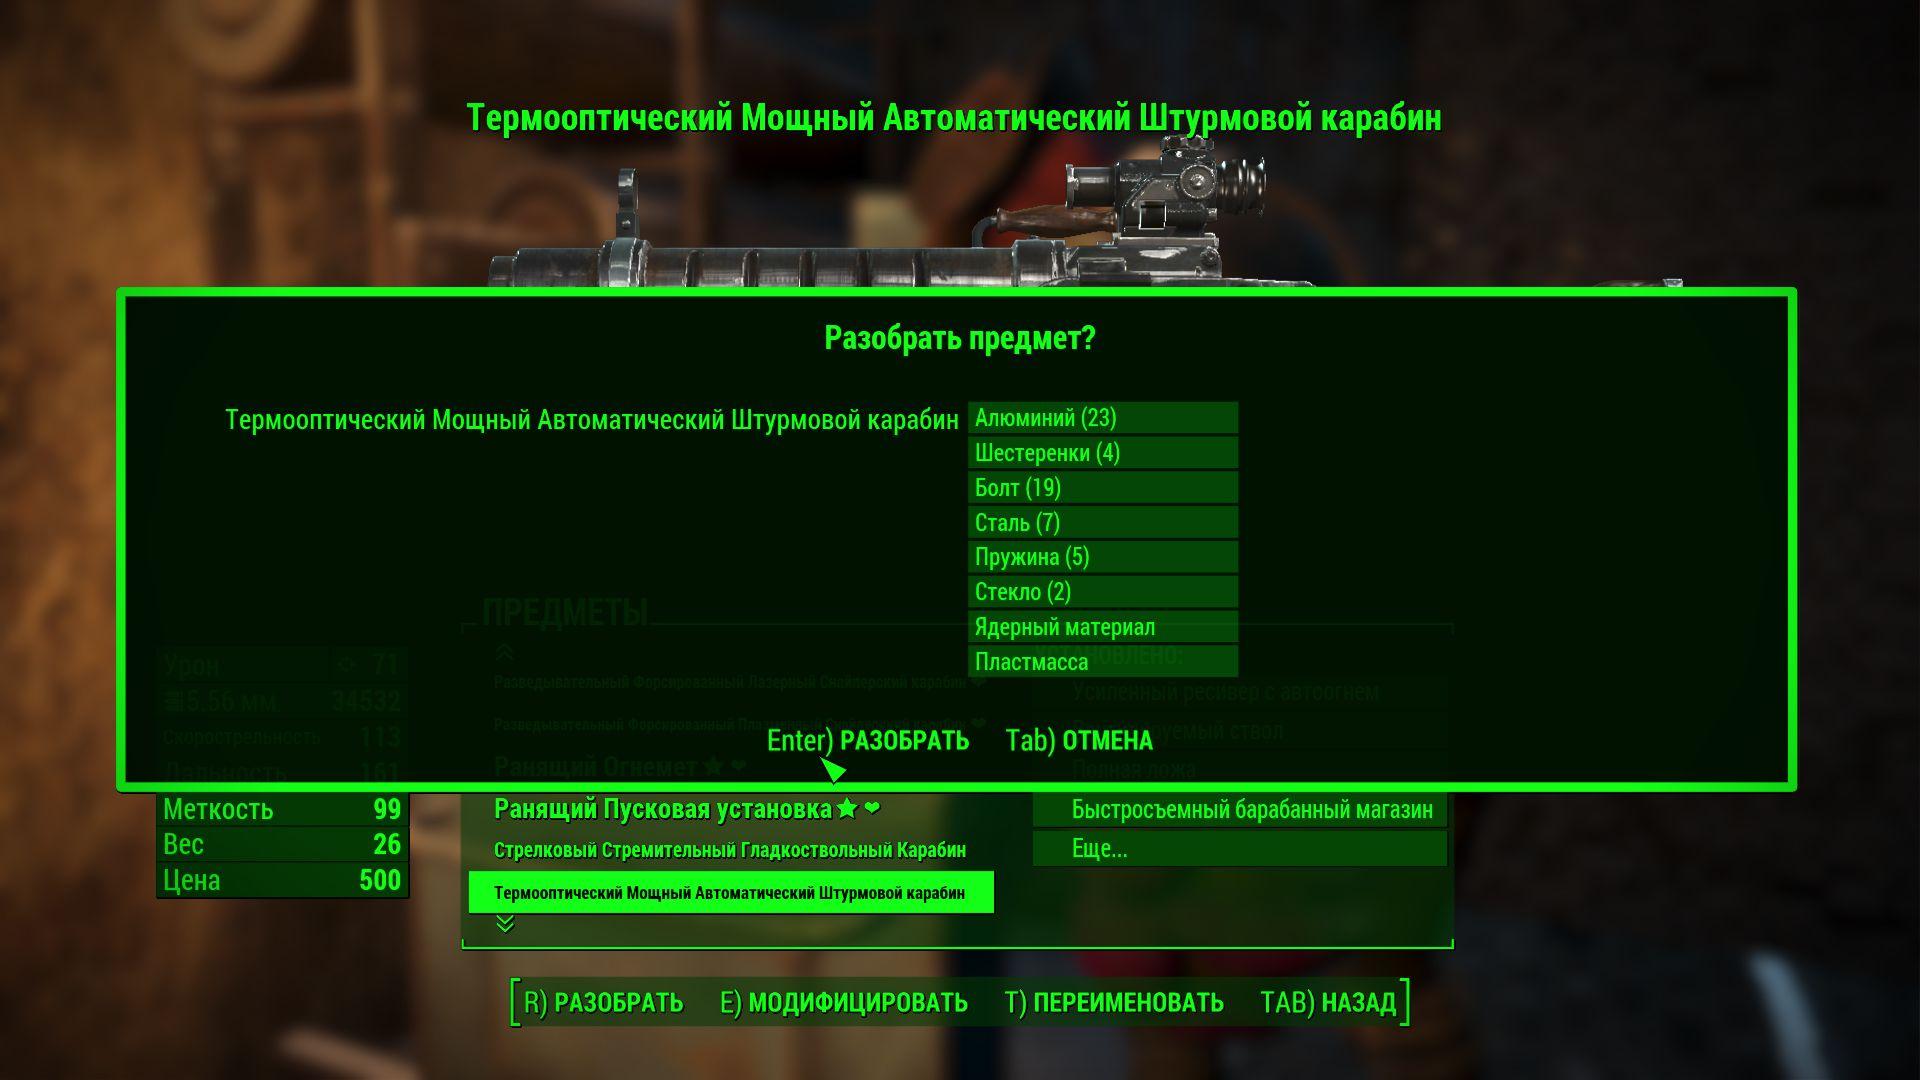 Как получить много алюминия - Fallout 4 алюминий, разбор оружия